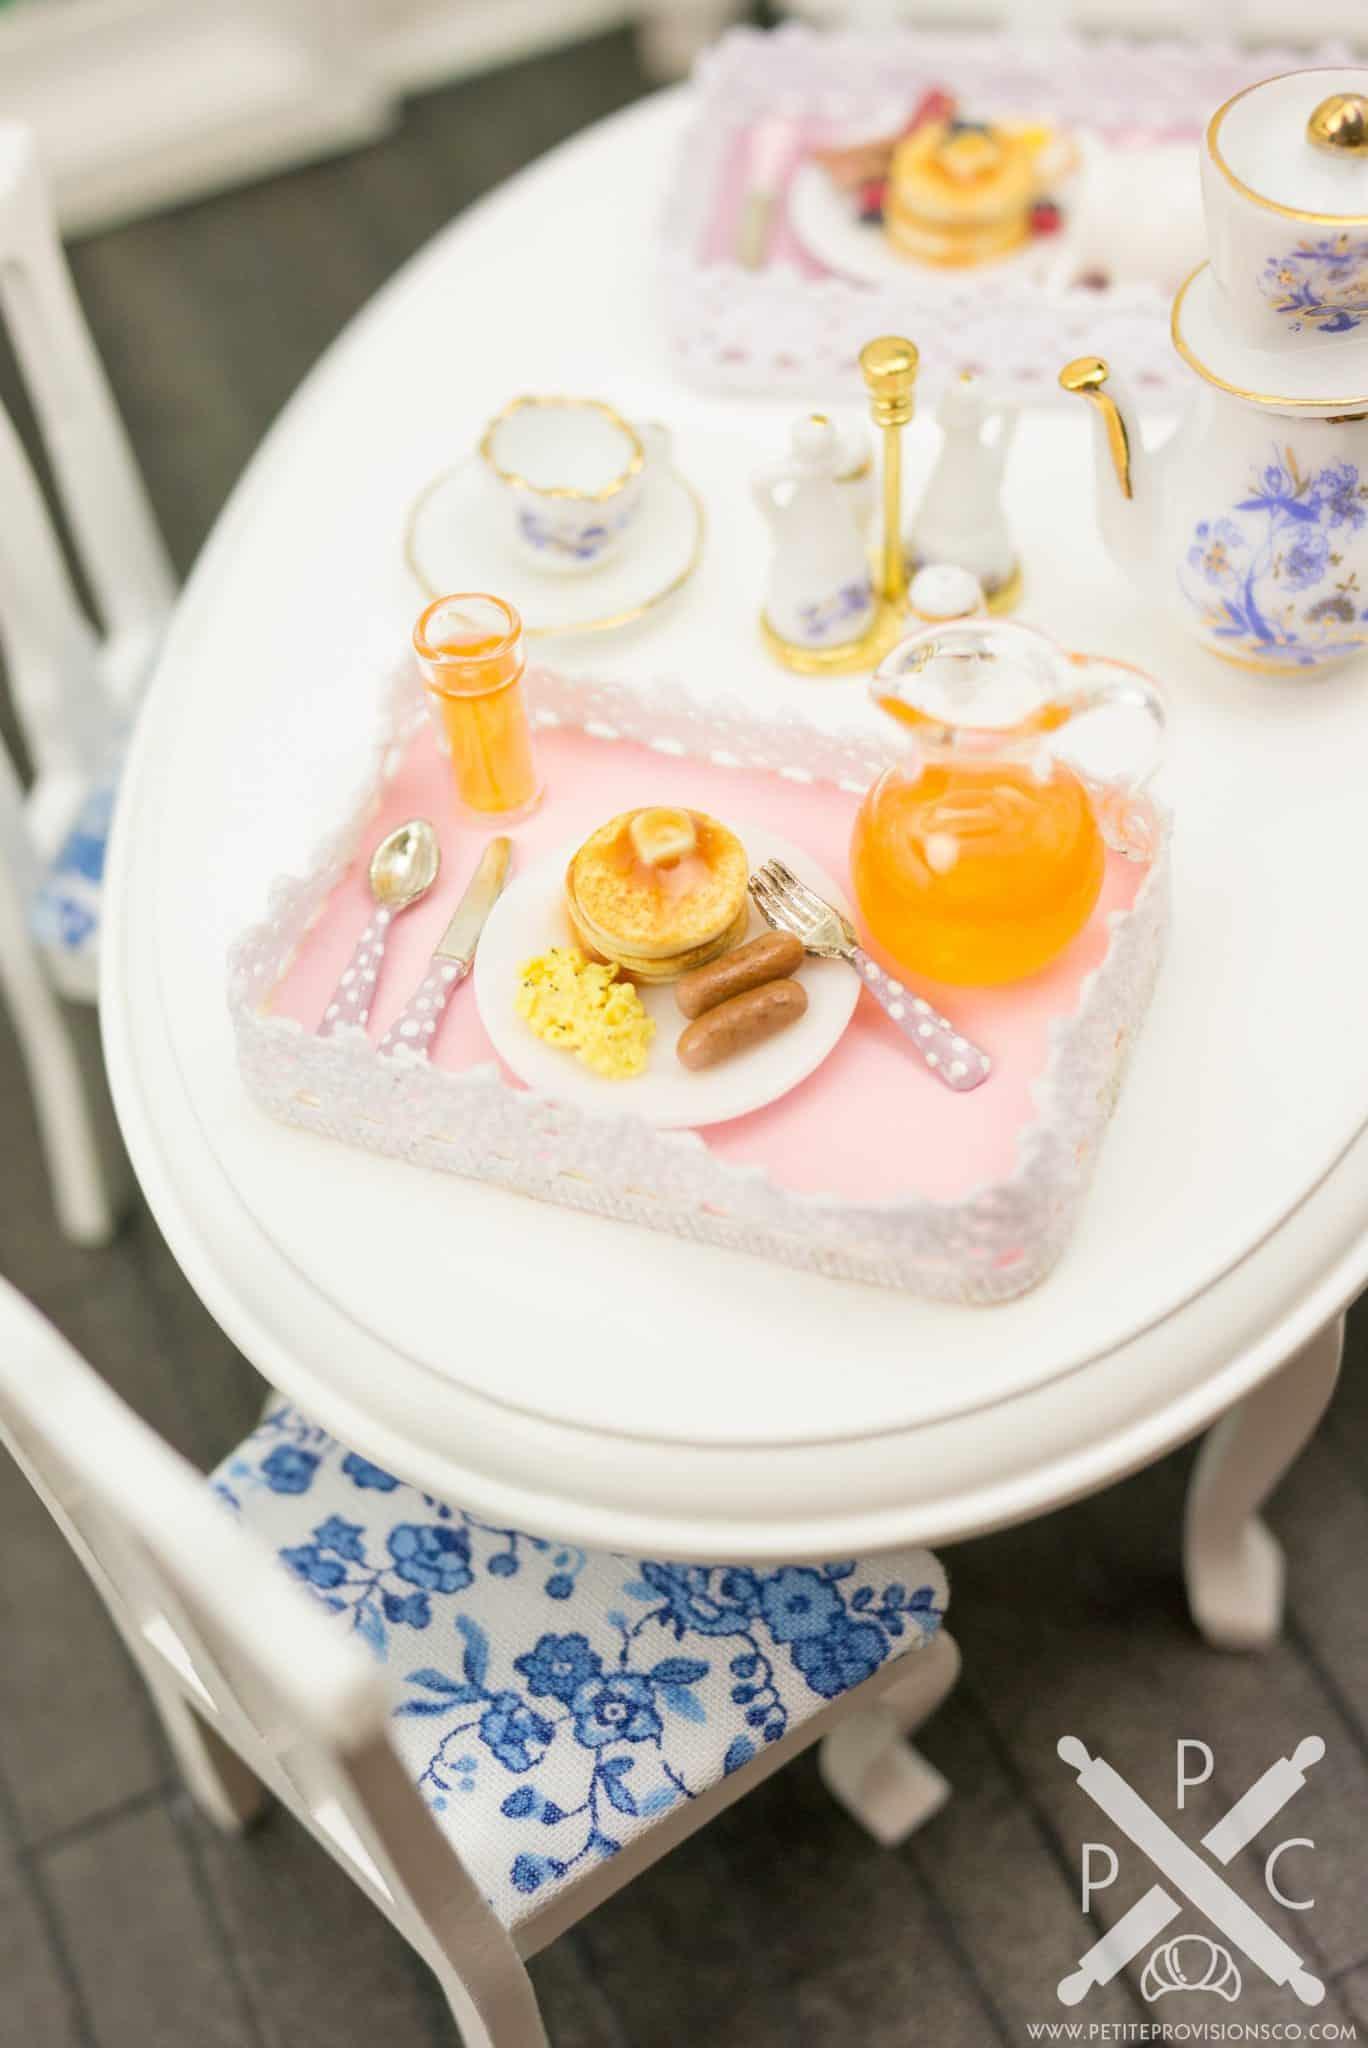 pancake-eggs-sausage-platter-01